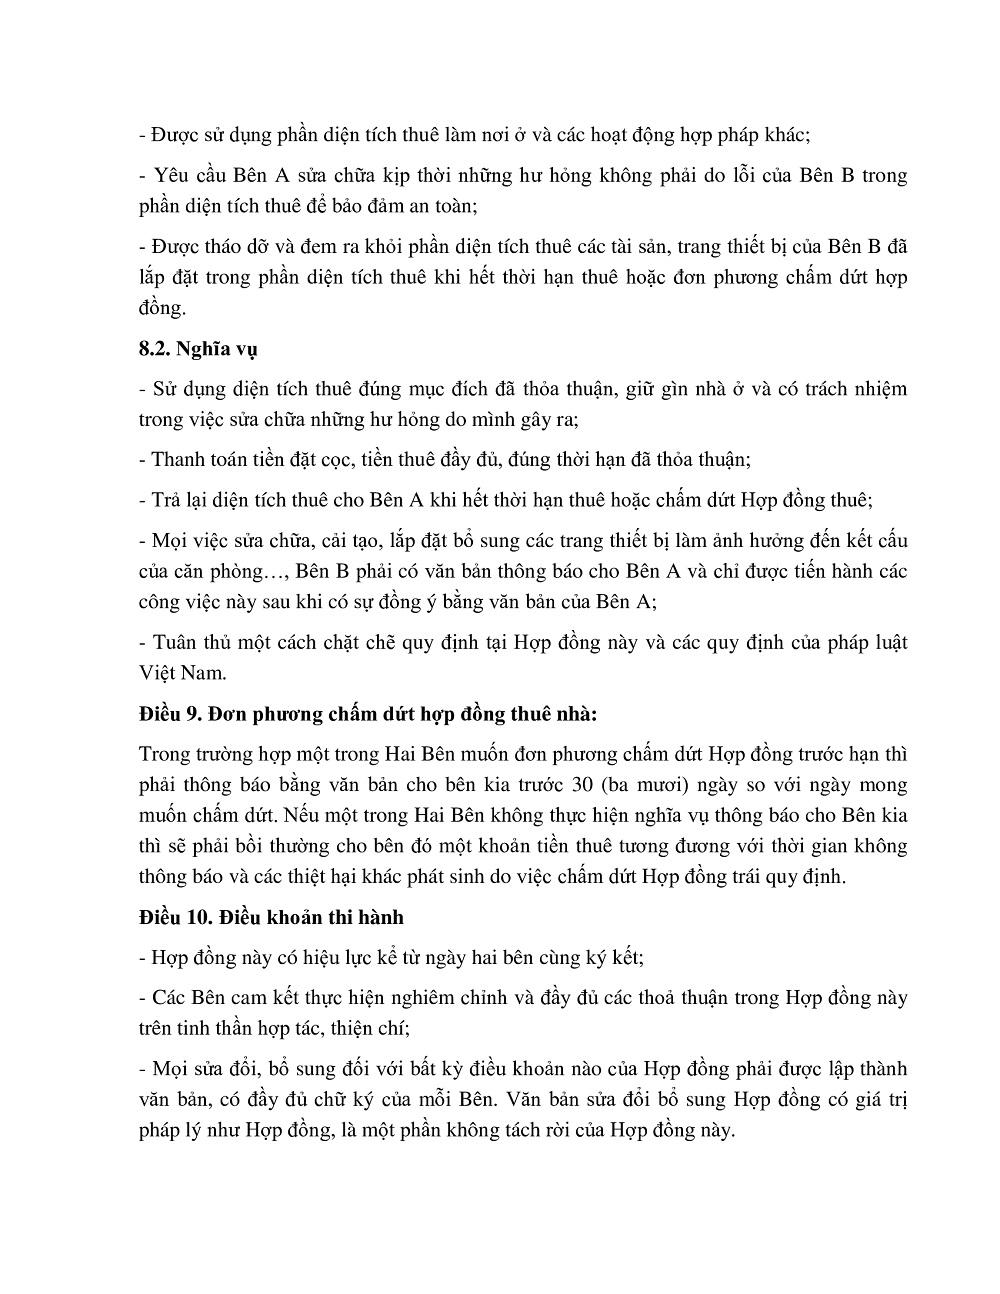 mau-hop-dong-thue-nha-o-trang-4